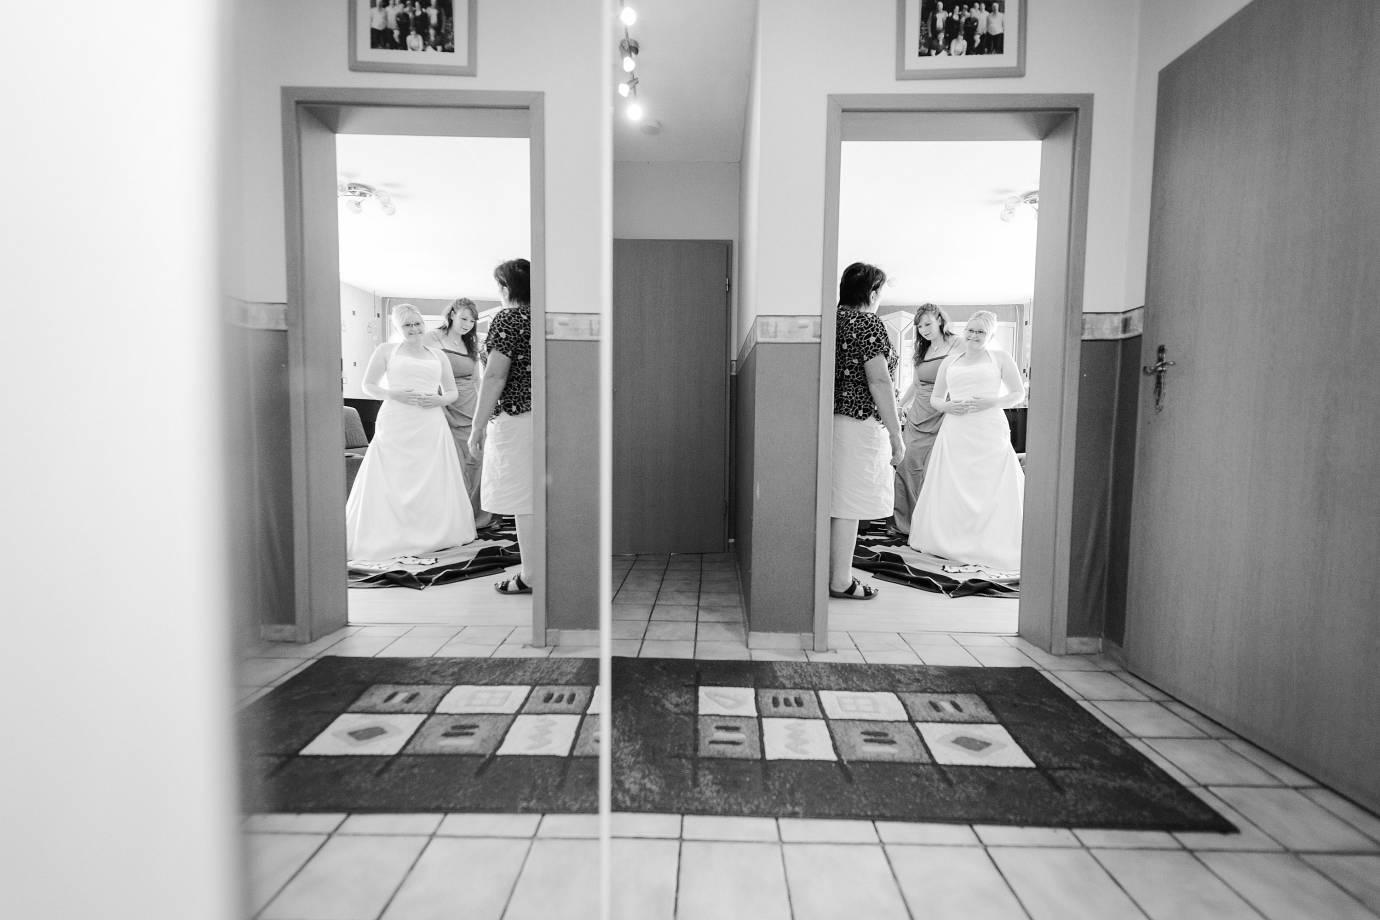 hochzeitsfotograf hambergen 017 - Iris+Sascha